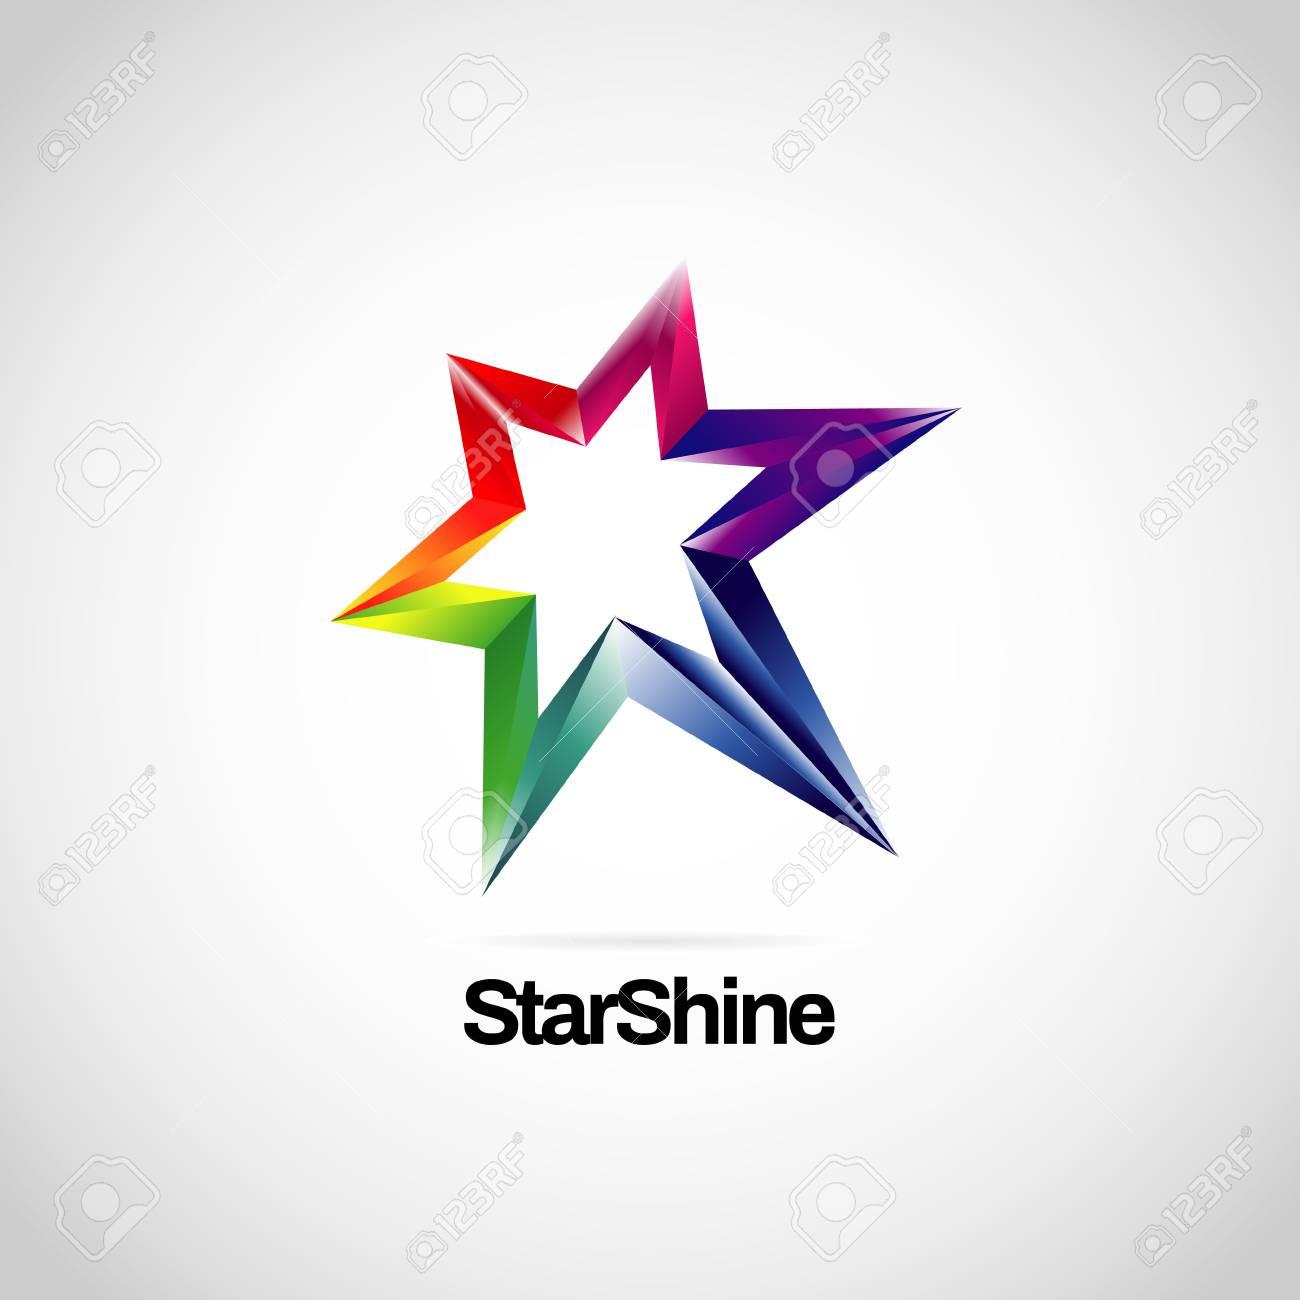 Shiny Vibrant Rainbow Star Logo Symbol Icon - 125123319